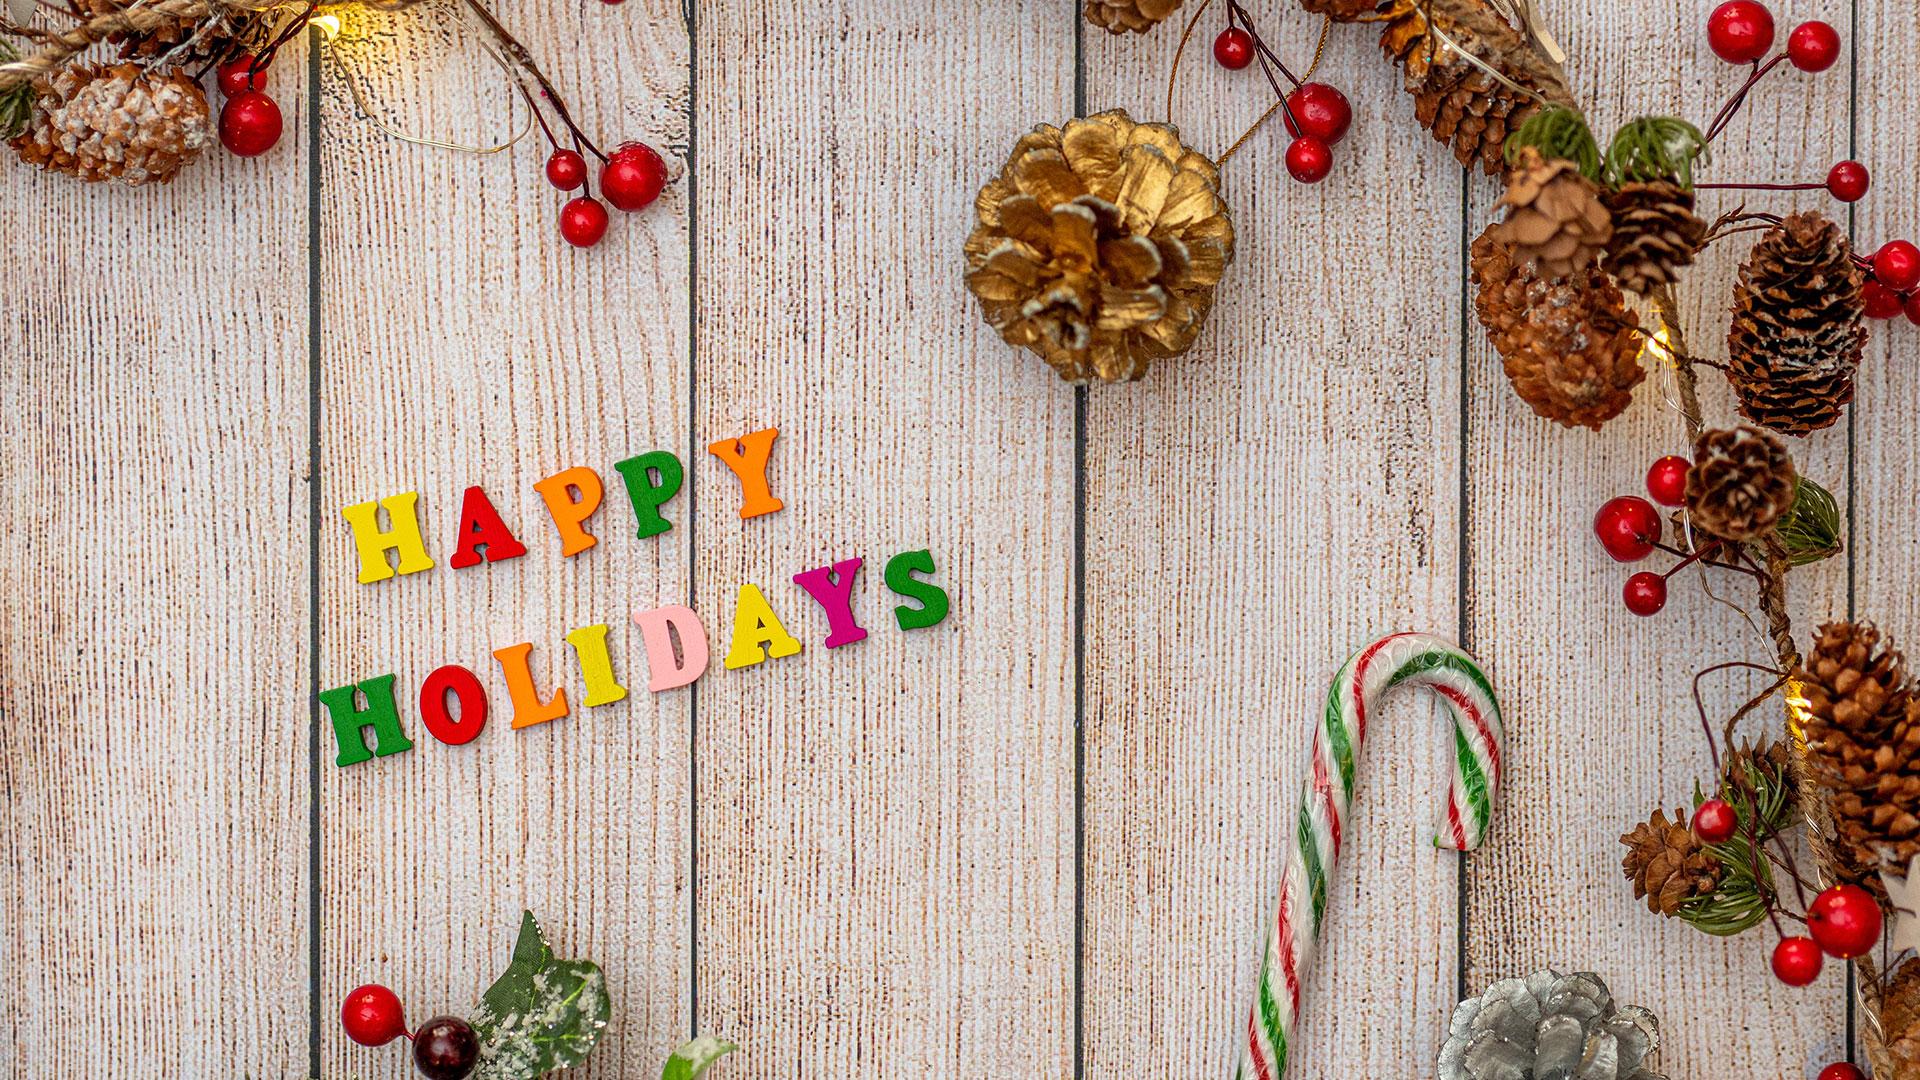 Happy Holidays from HealthGenYZ